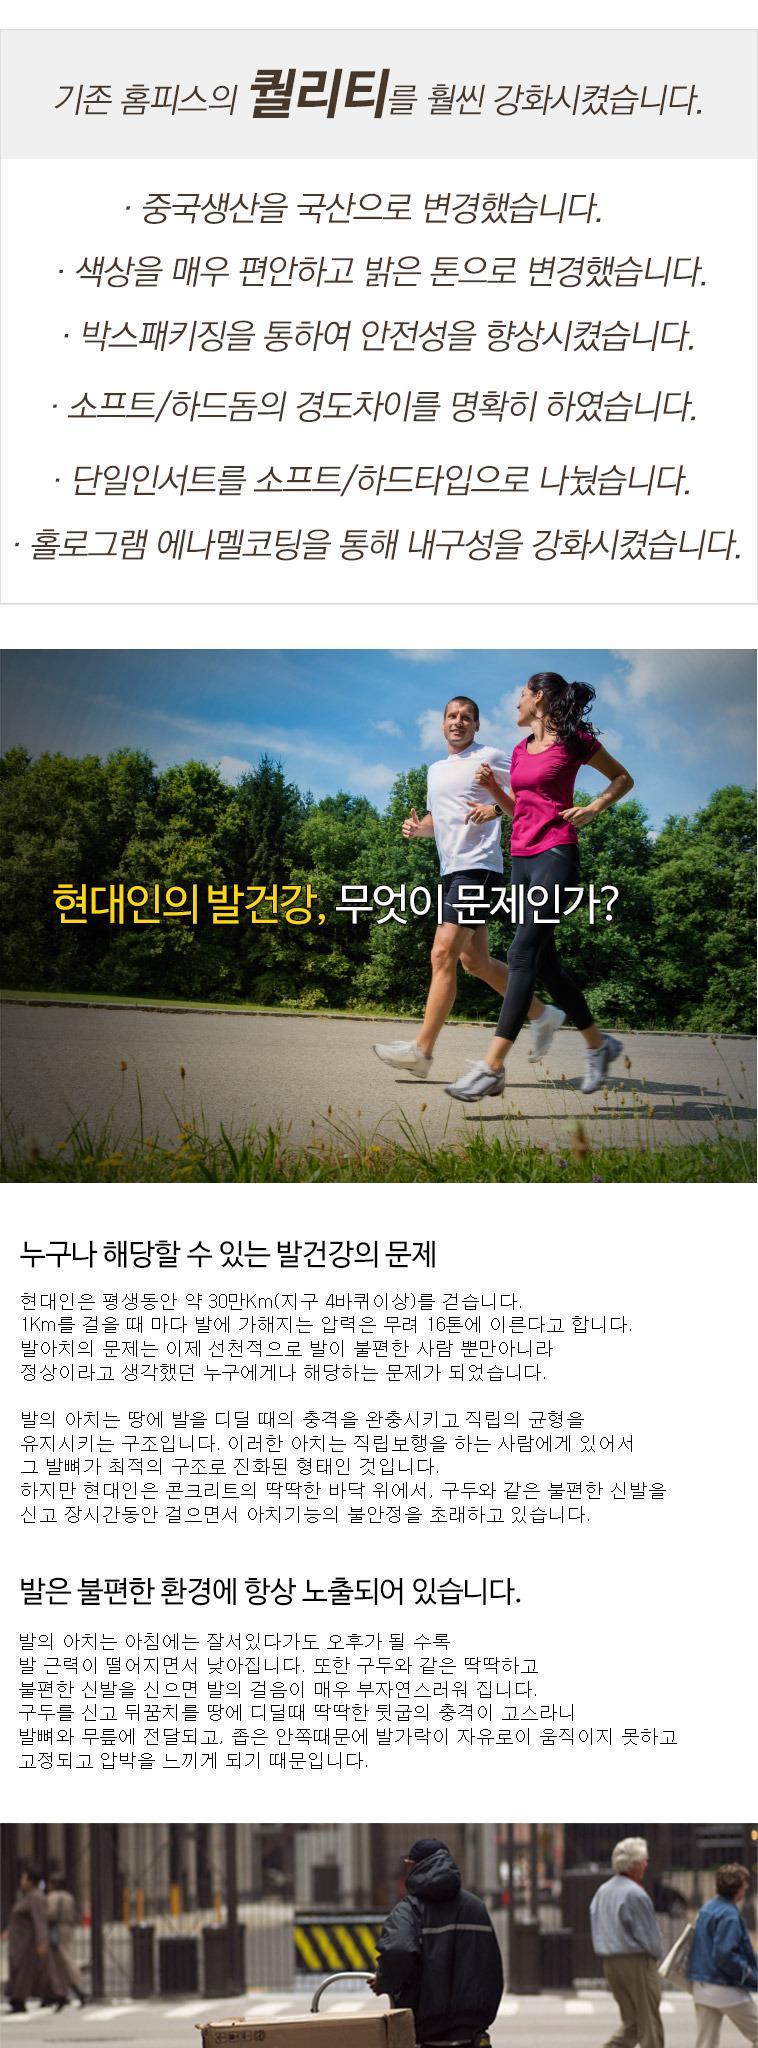 베어풋 깔창/편안한 착용감! - 상세정보